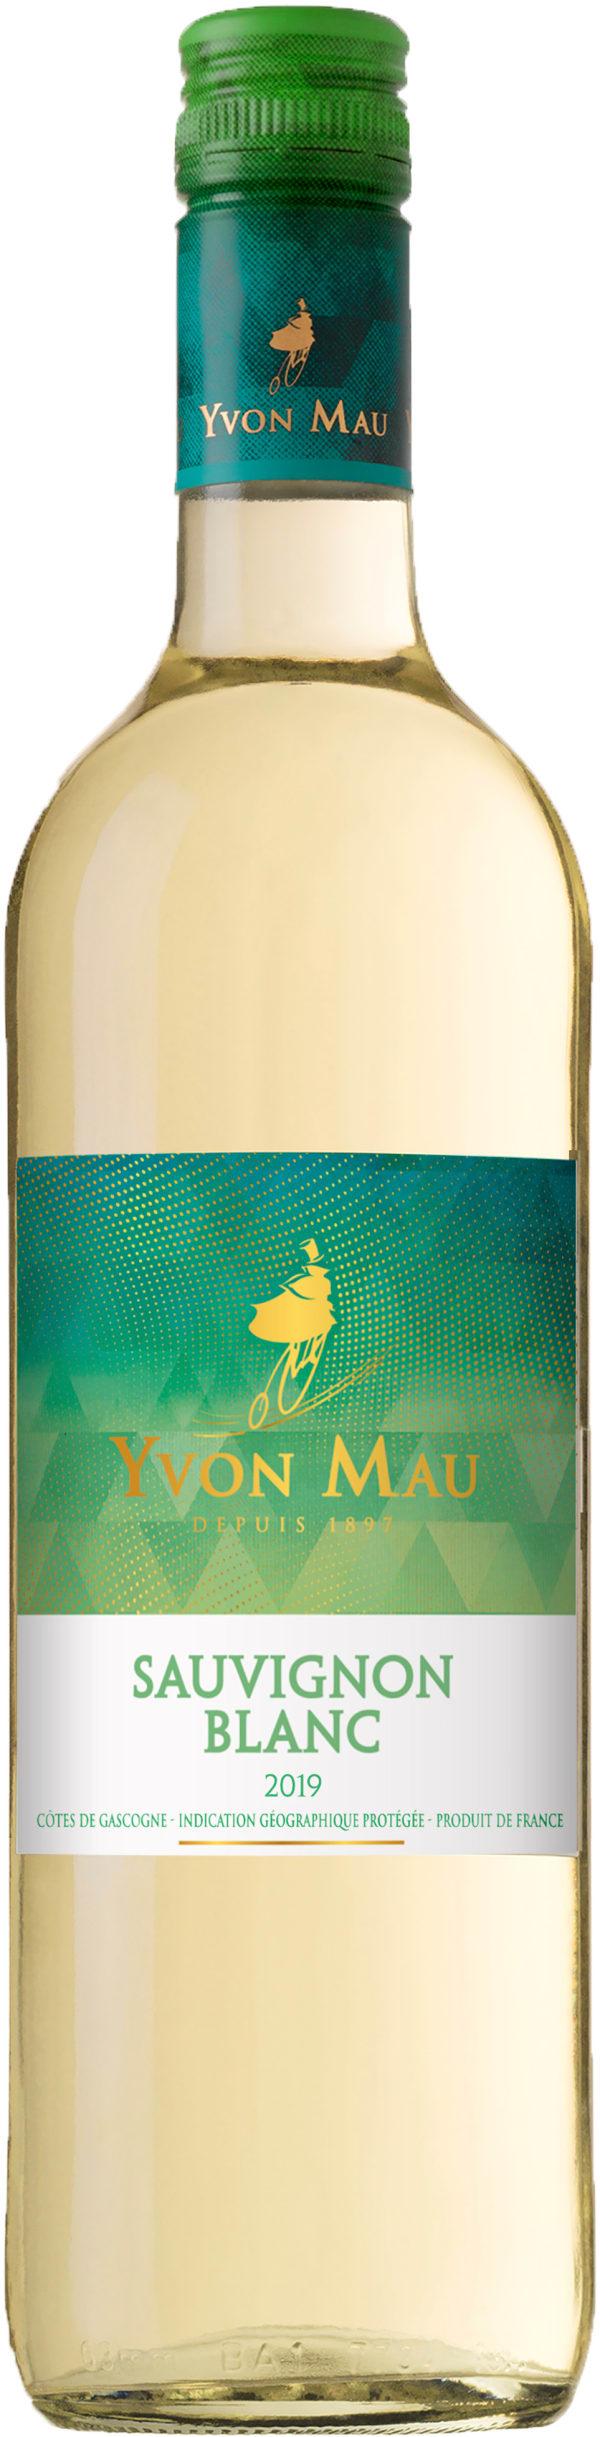 Yvon Mau Sauvignon Blanc 2019